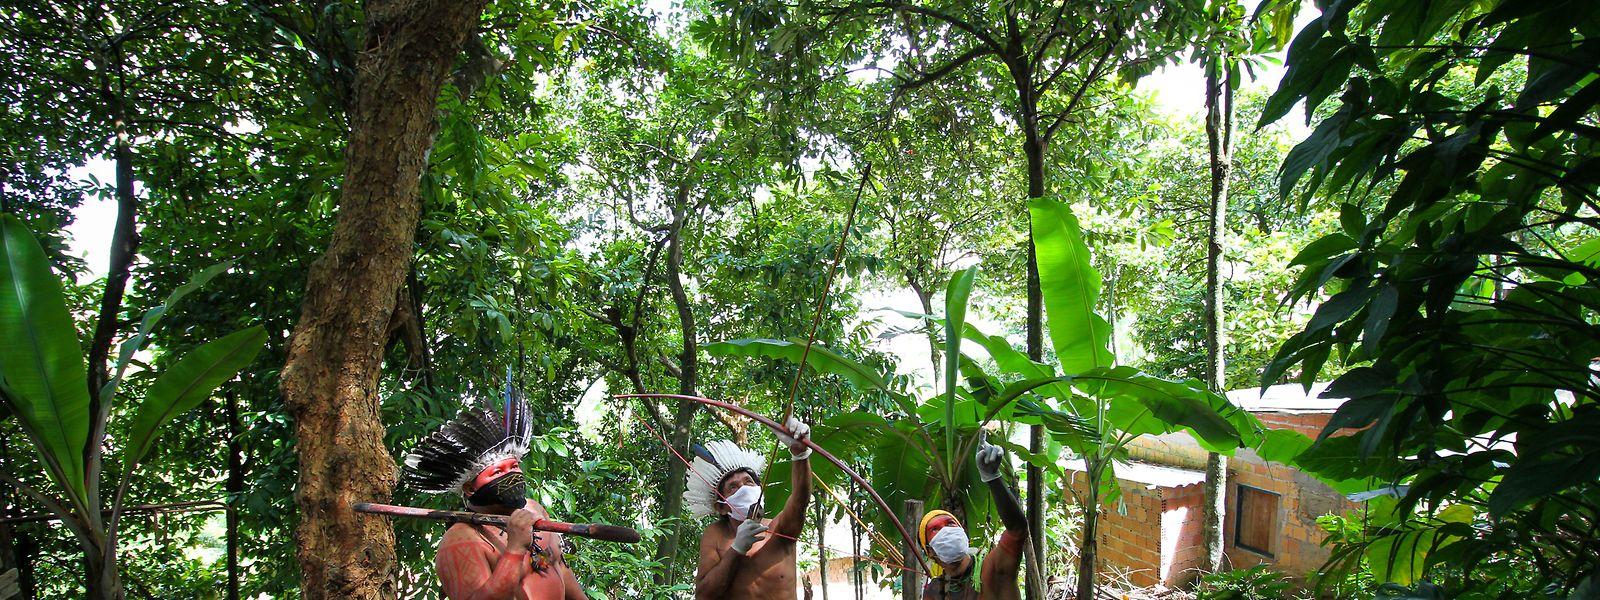 Männer einer indigenen Satere-Mawe-Familie in Brasilien tragen bei der Jagd Mundschutzmasken, um eine Ansteckung mit Coronavirus zu vermeiden.